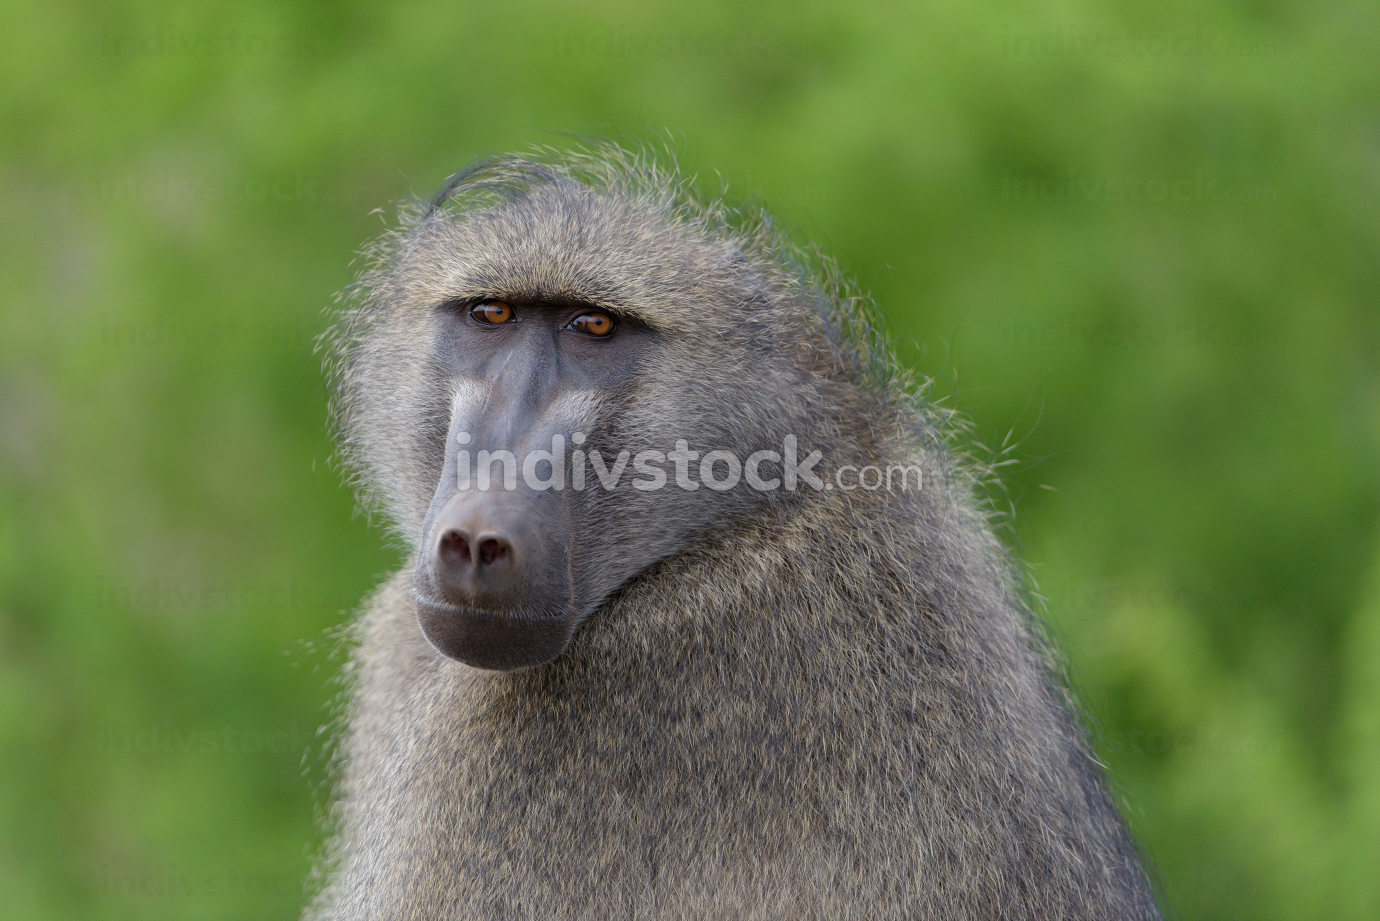 Baboon close up portrait